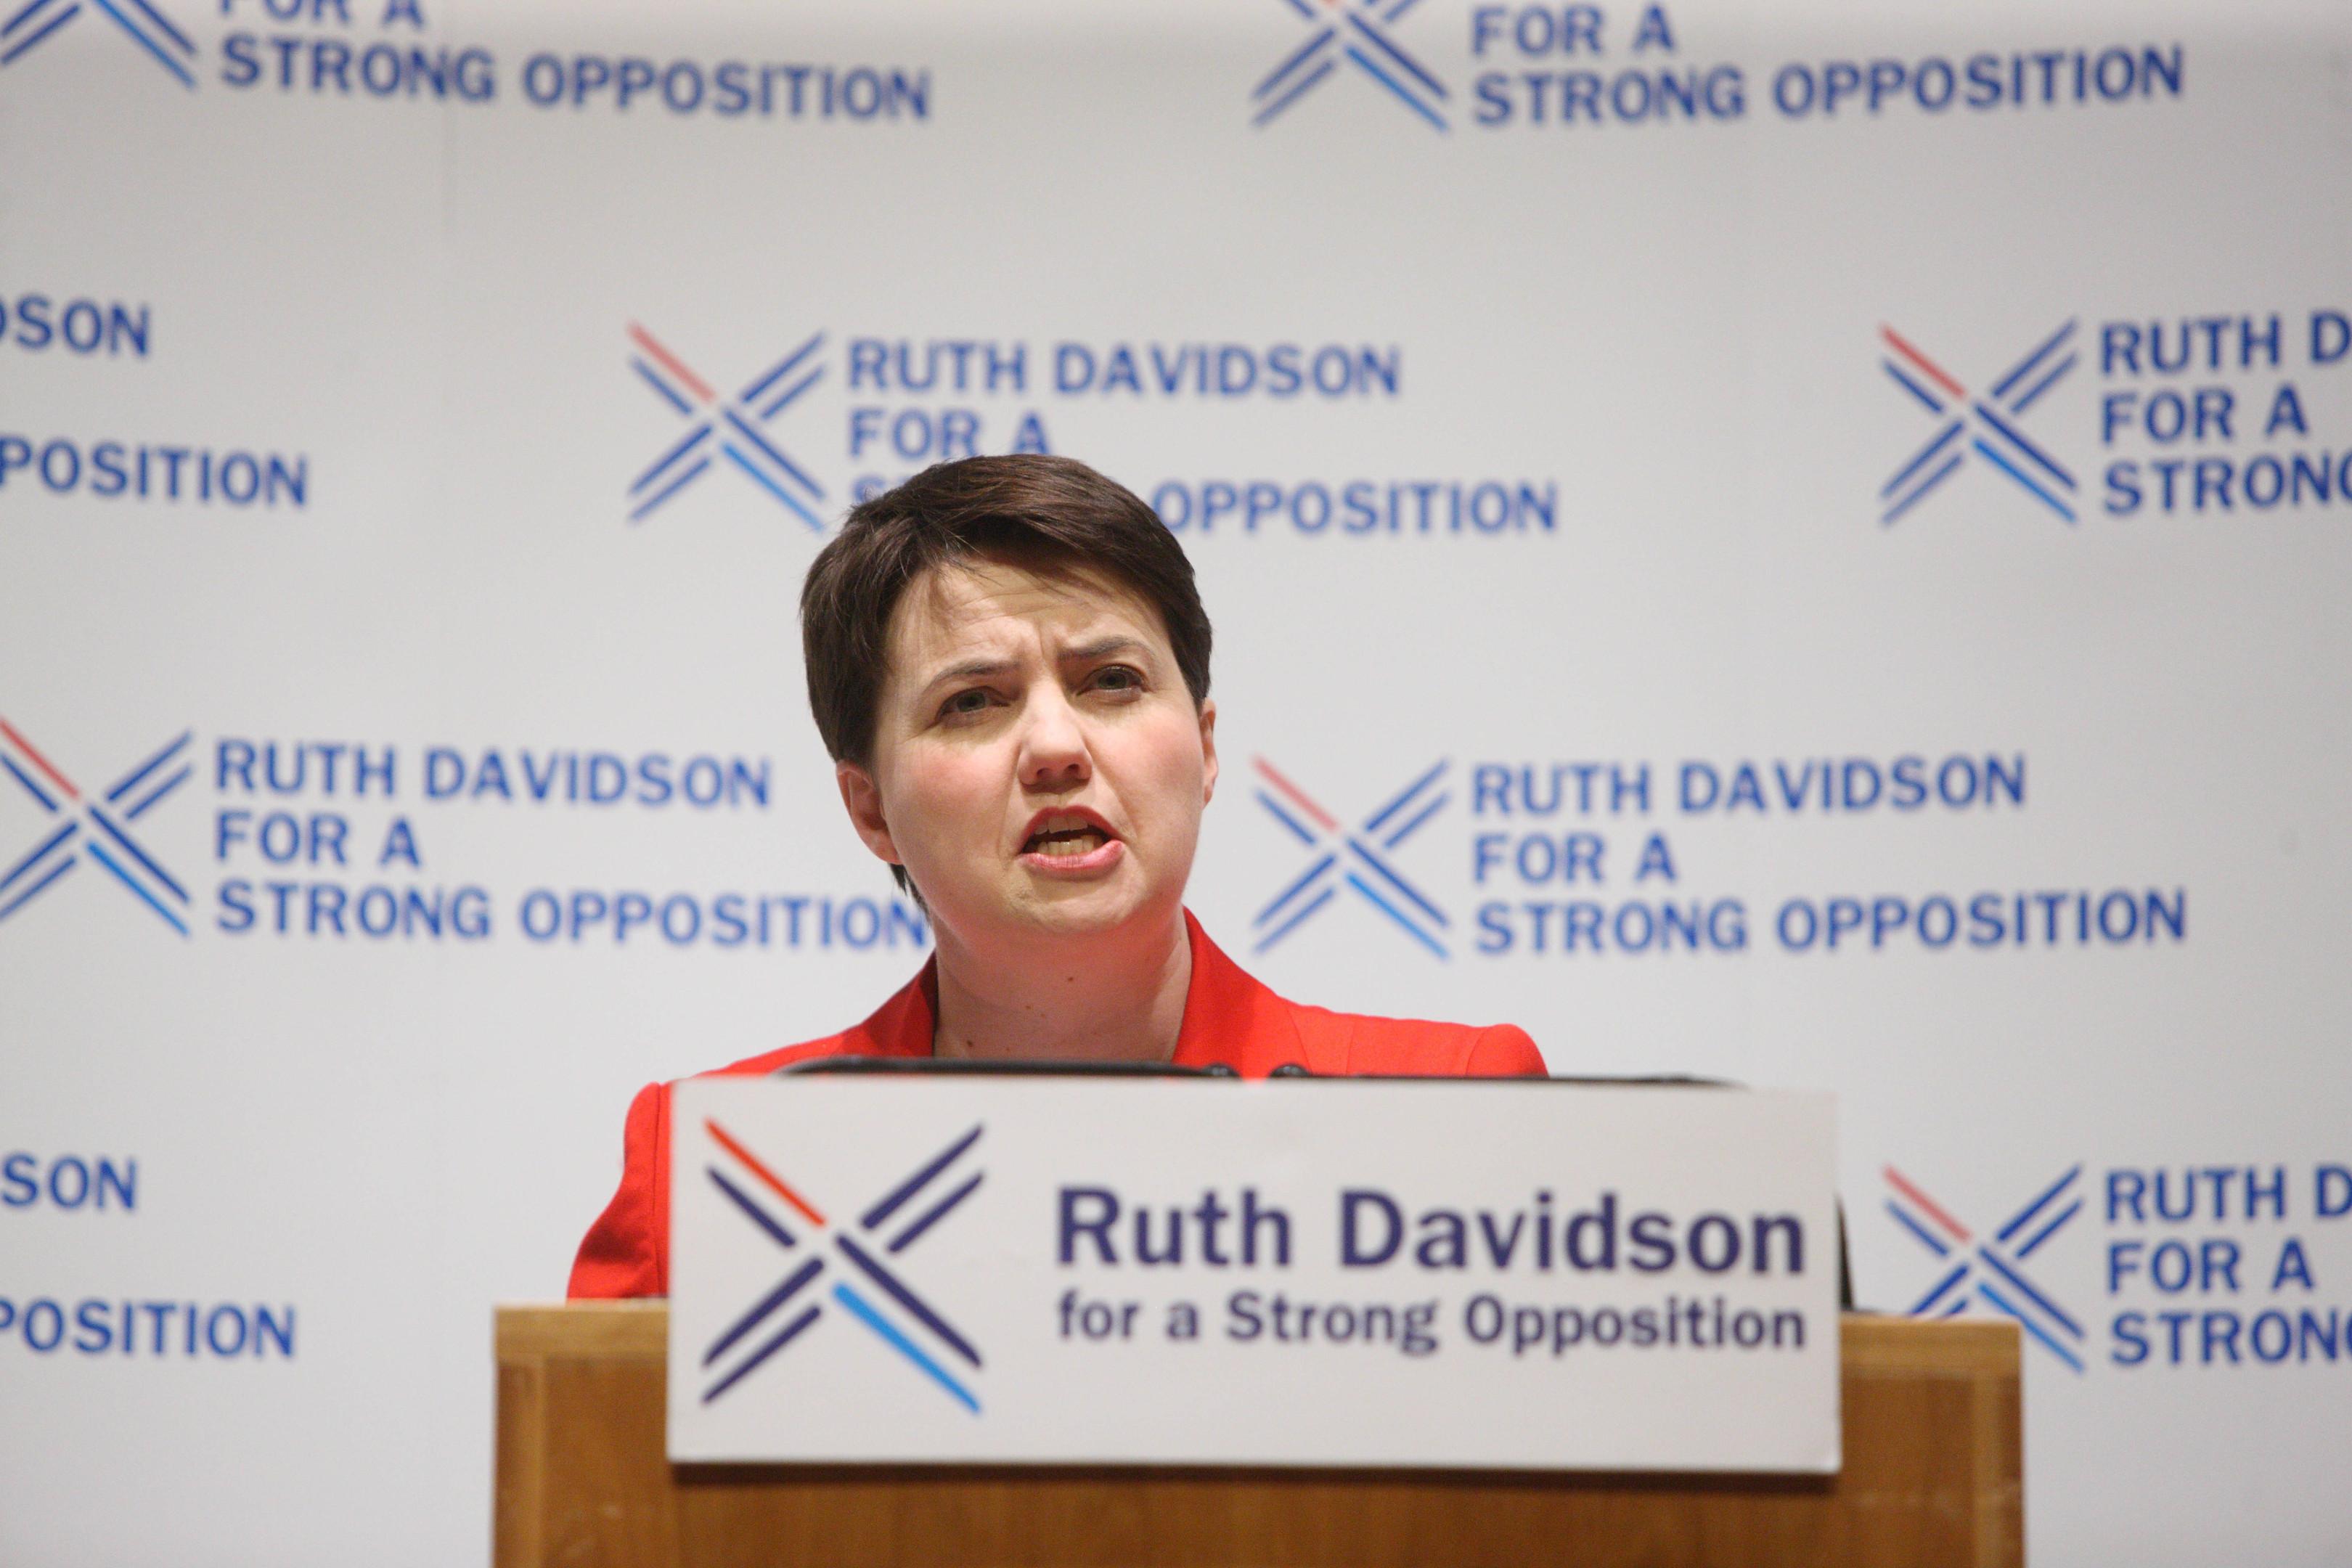 Ruth Davidson (Phil Hannah)